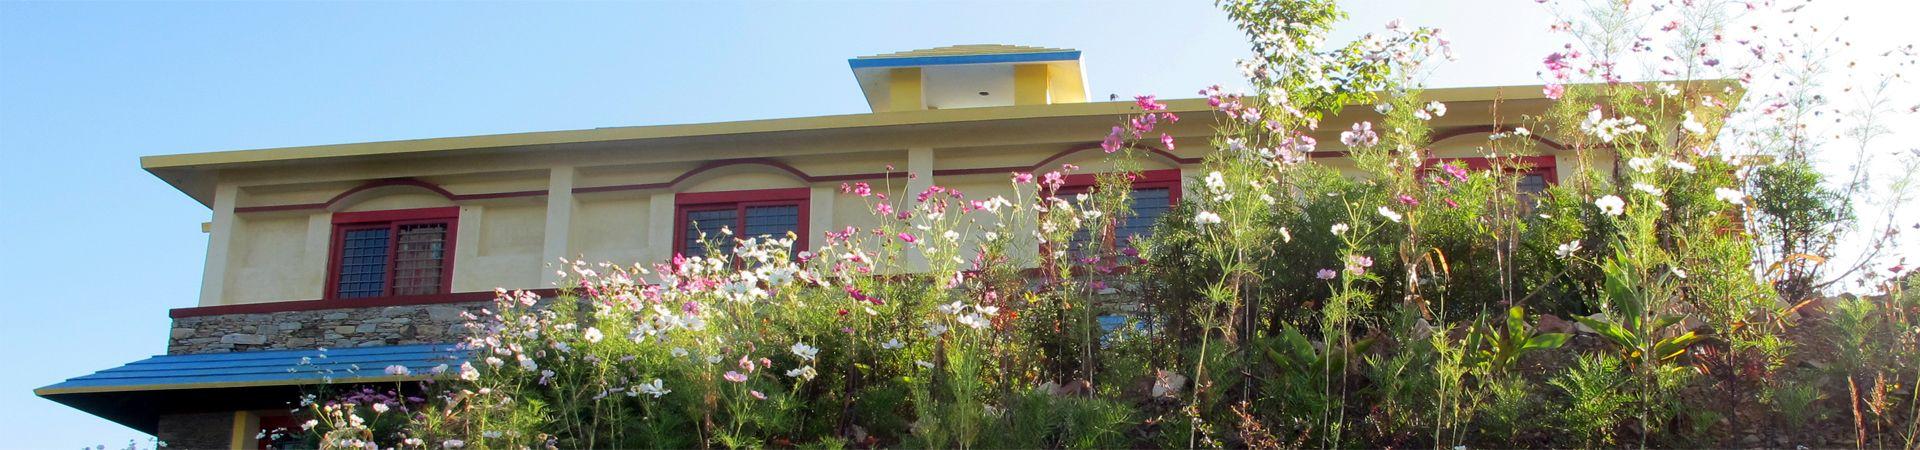 Nature School India